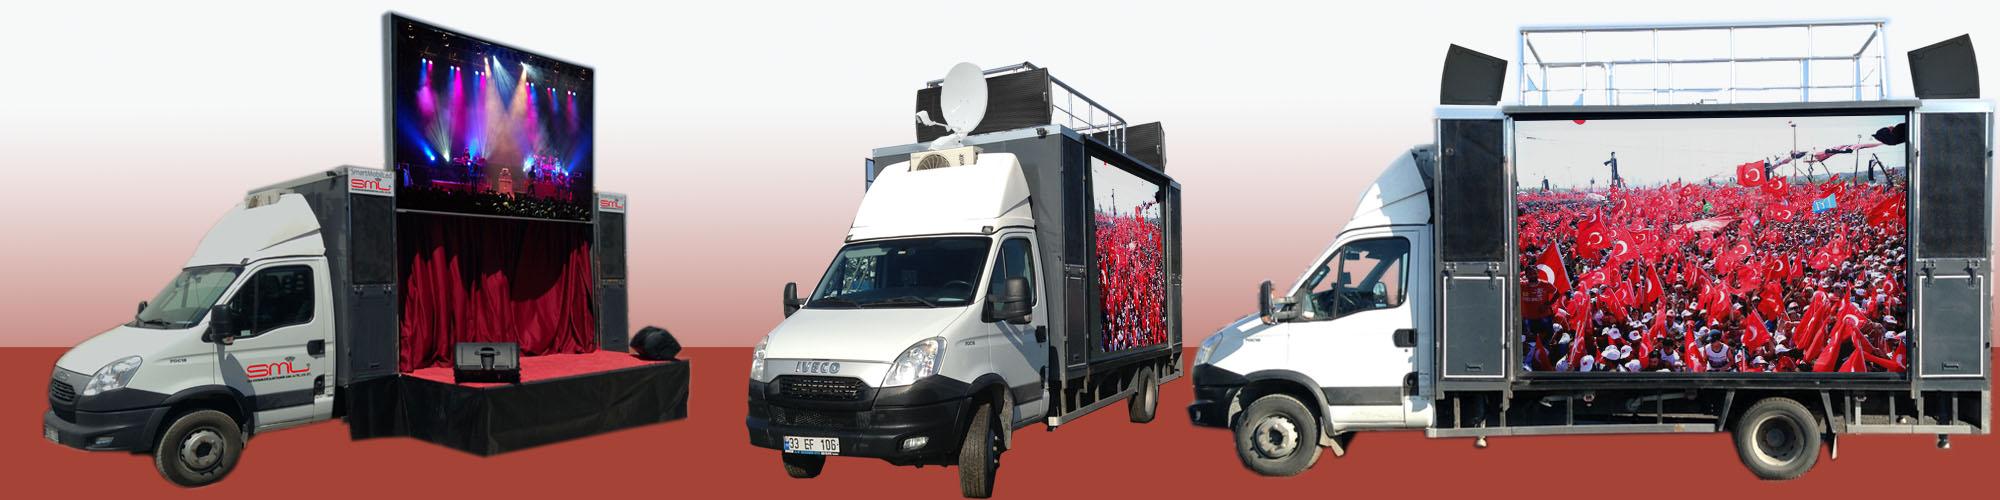 Mobil Sahne Mobil Led seçim otobüsü kiralık seçim araçları